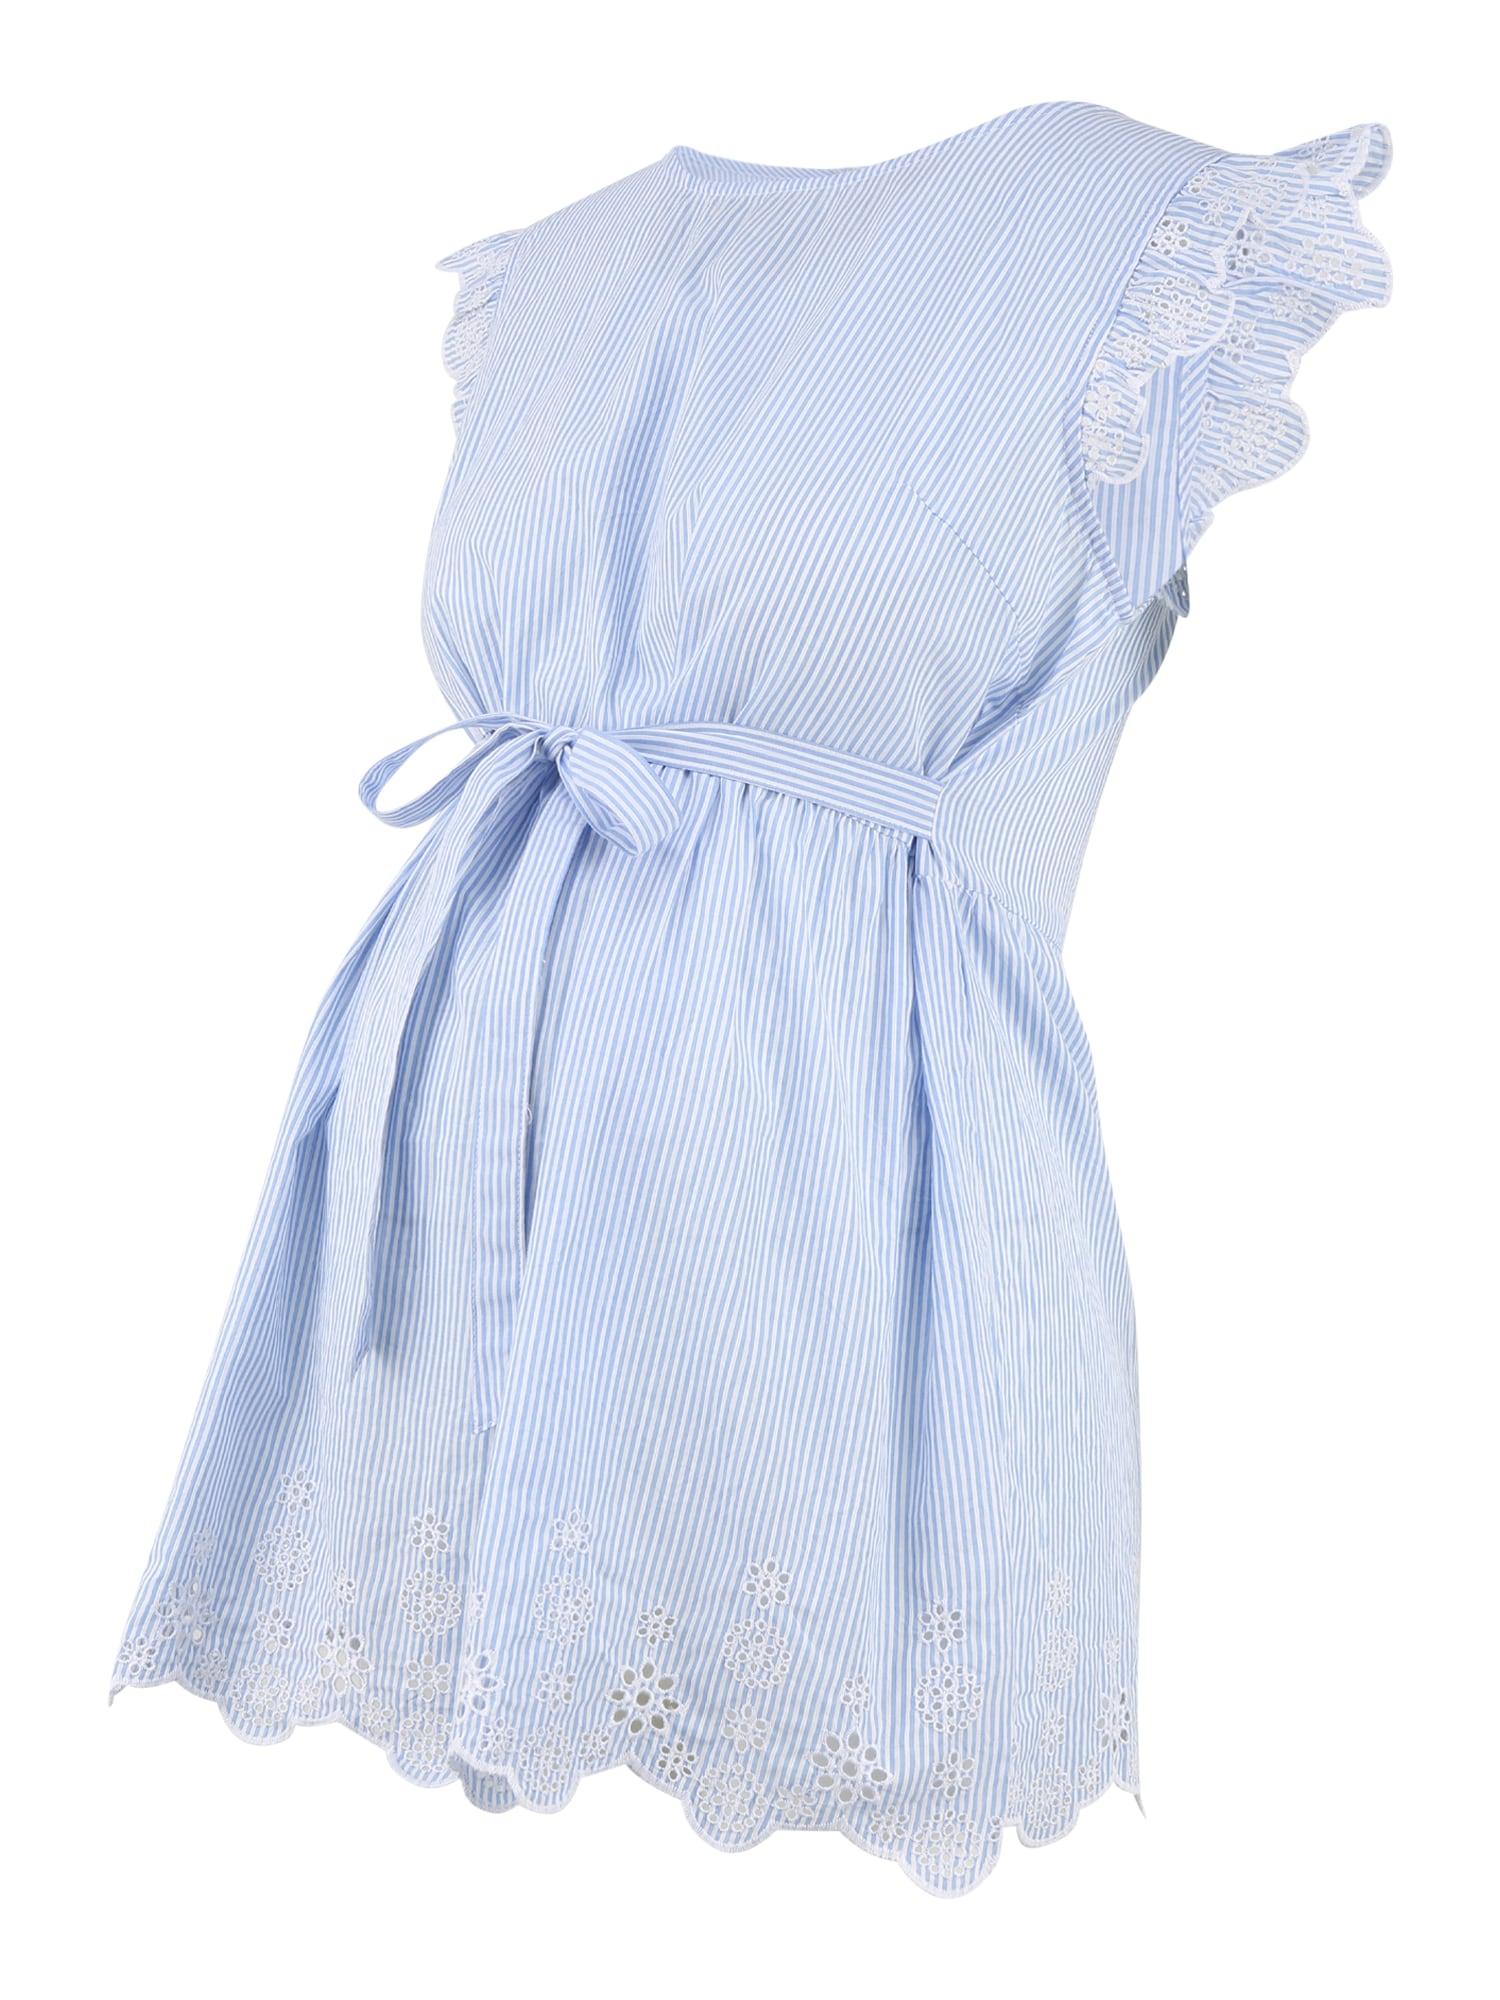 JoJo Maman Bébé Palaidinė šviesiai mėlyna / balta